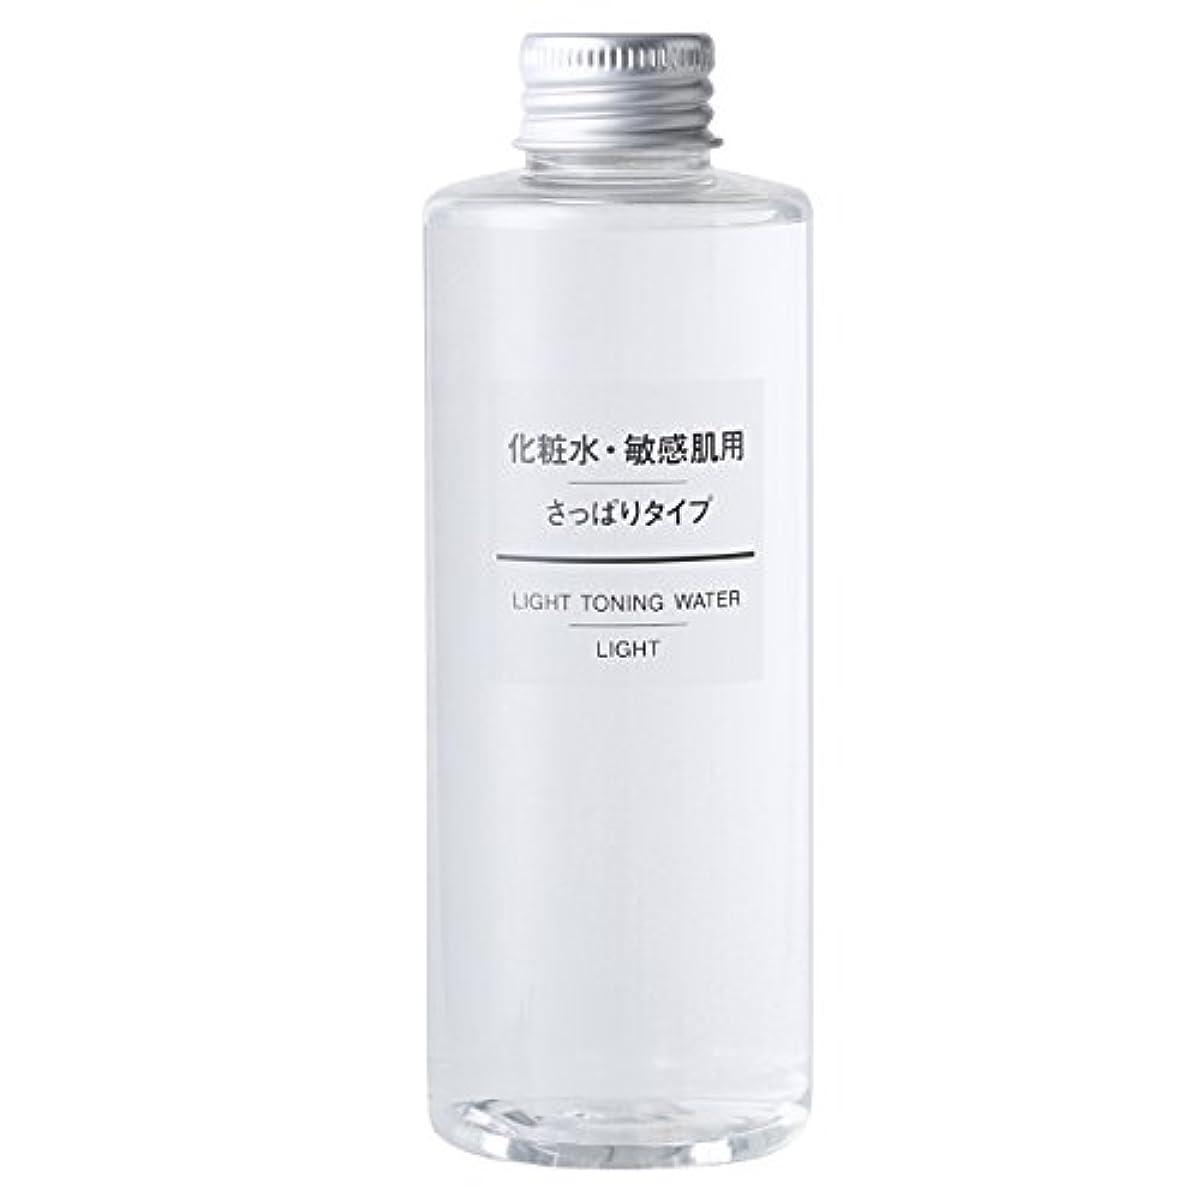 生まれ原油海外無印良品 化粧水?敏感肌用?さっぱりタイプ 200mL